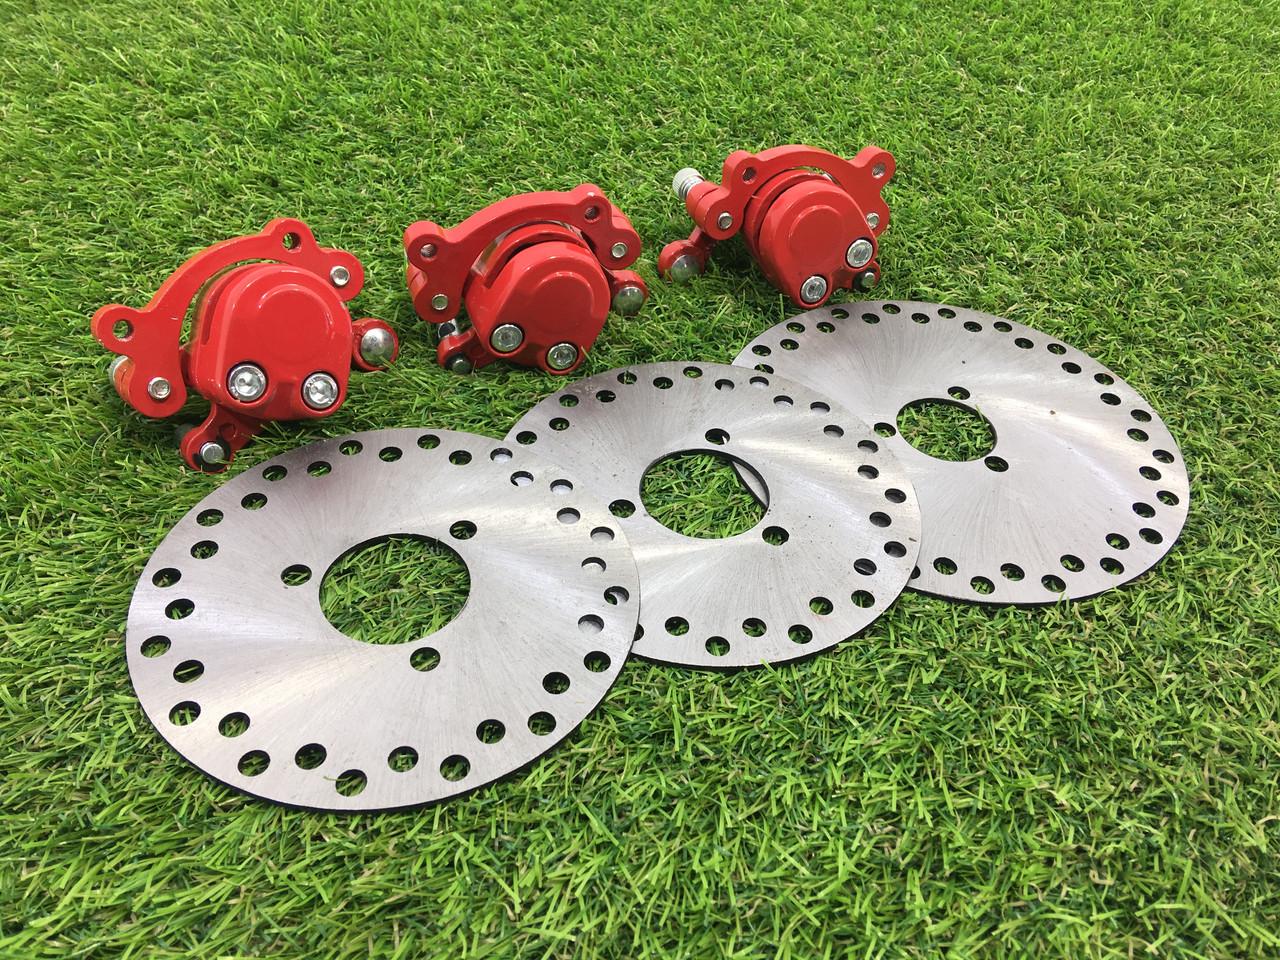 Тормозной набор (диски+суппорта) для электрквадроциклов Crosser 90505